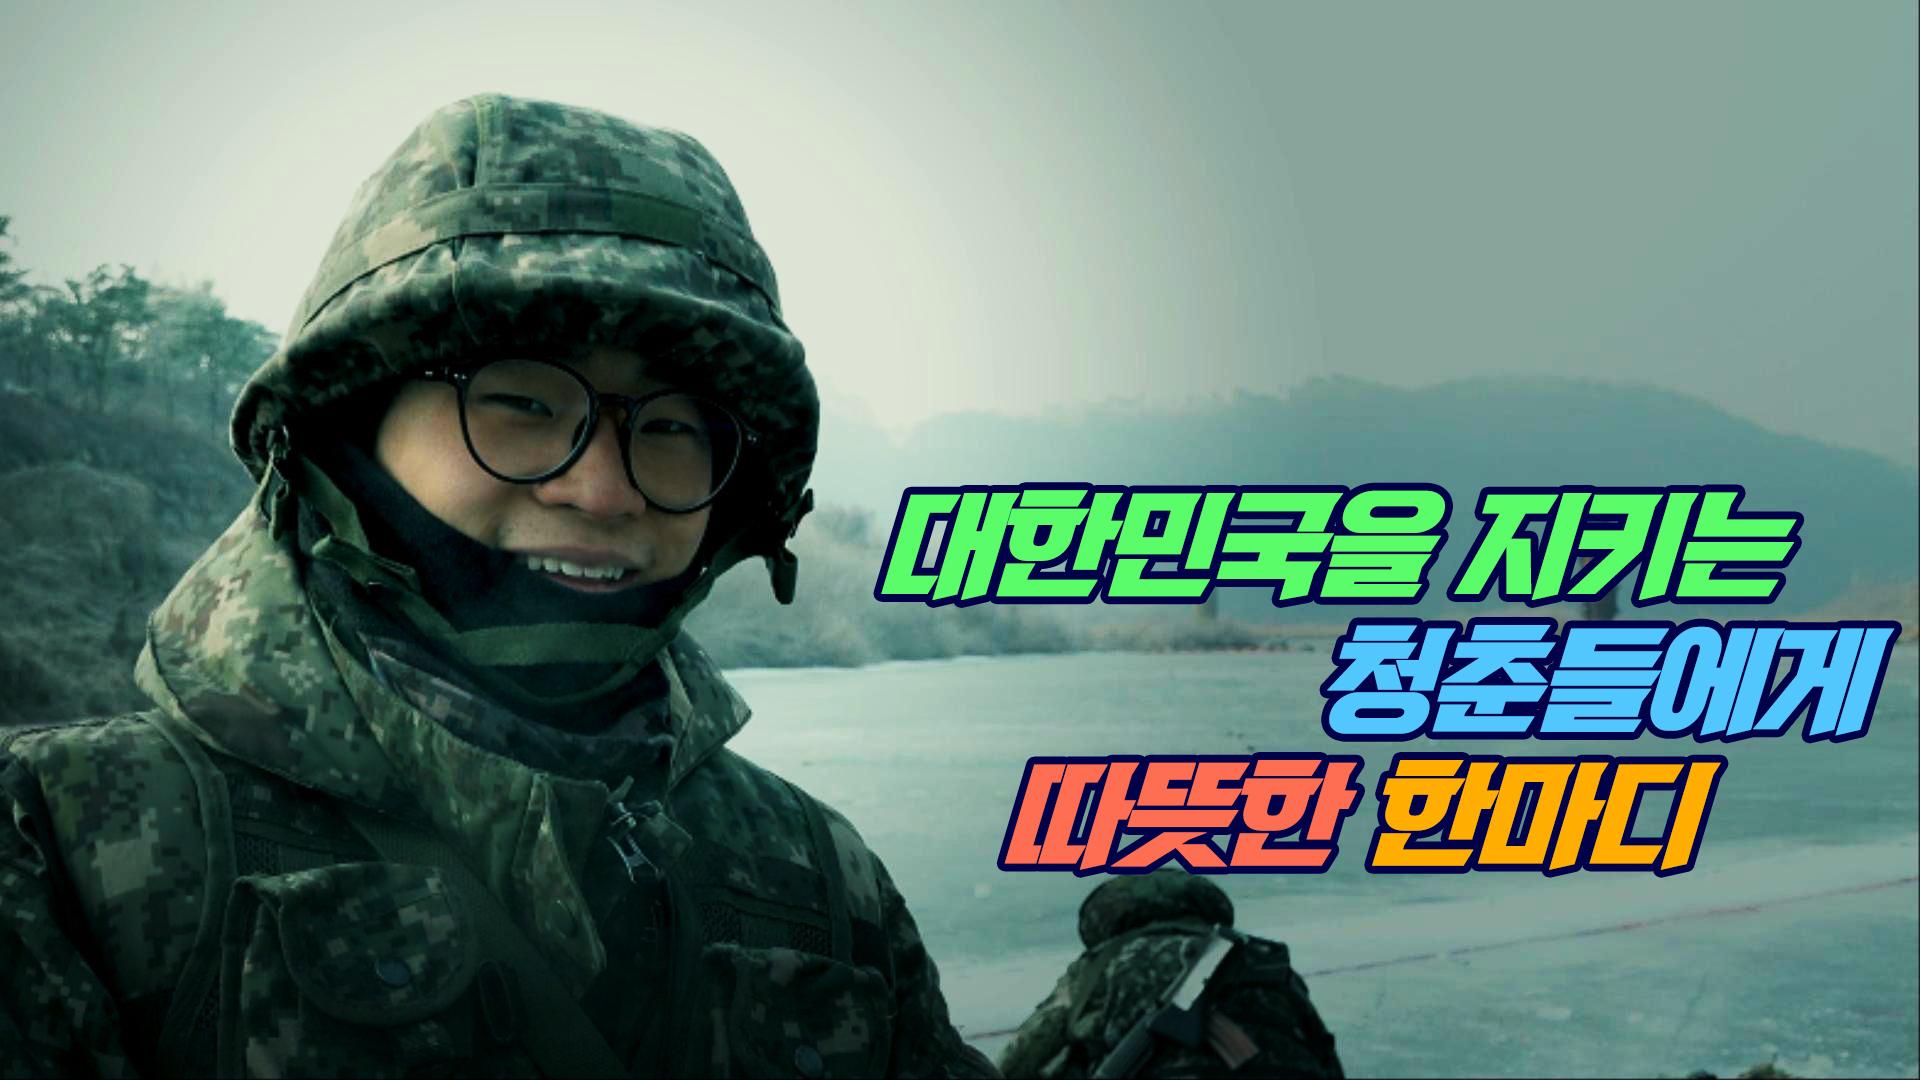 대한민국을 지키는 청춘들에게